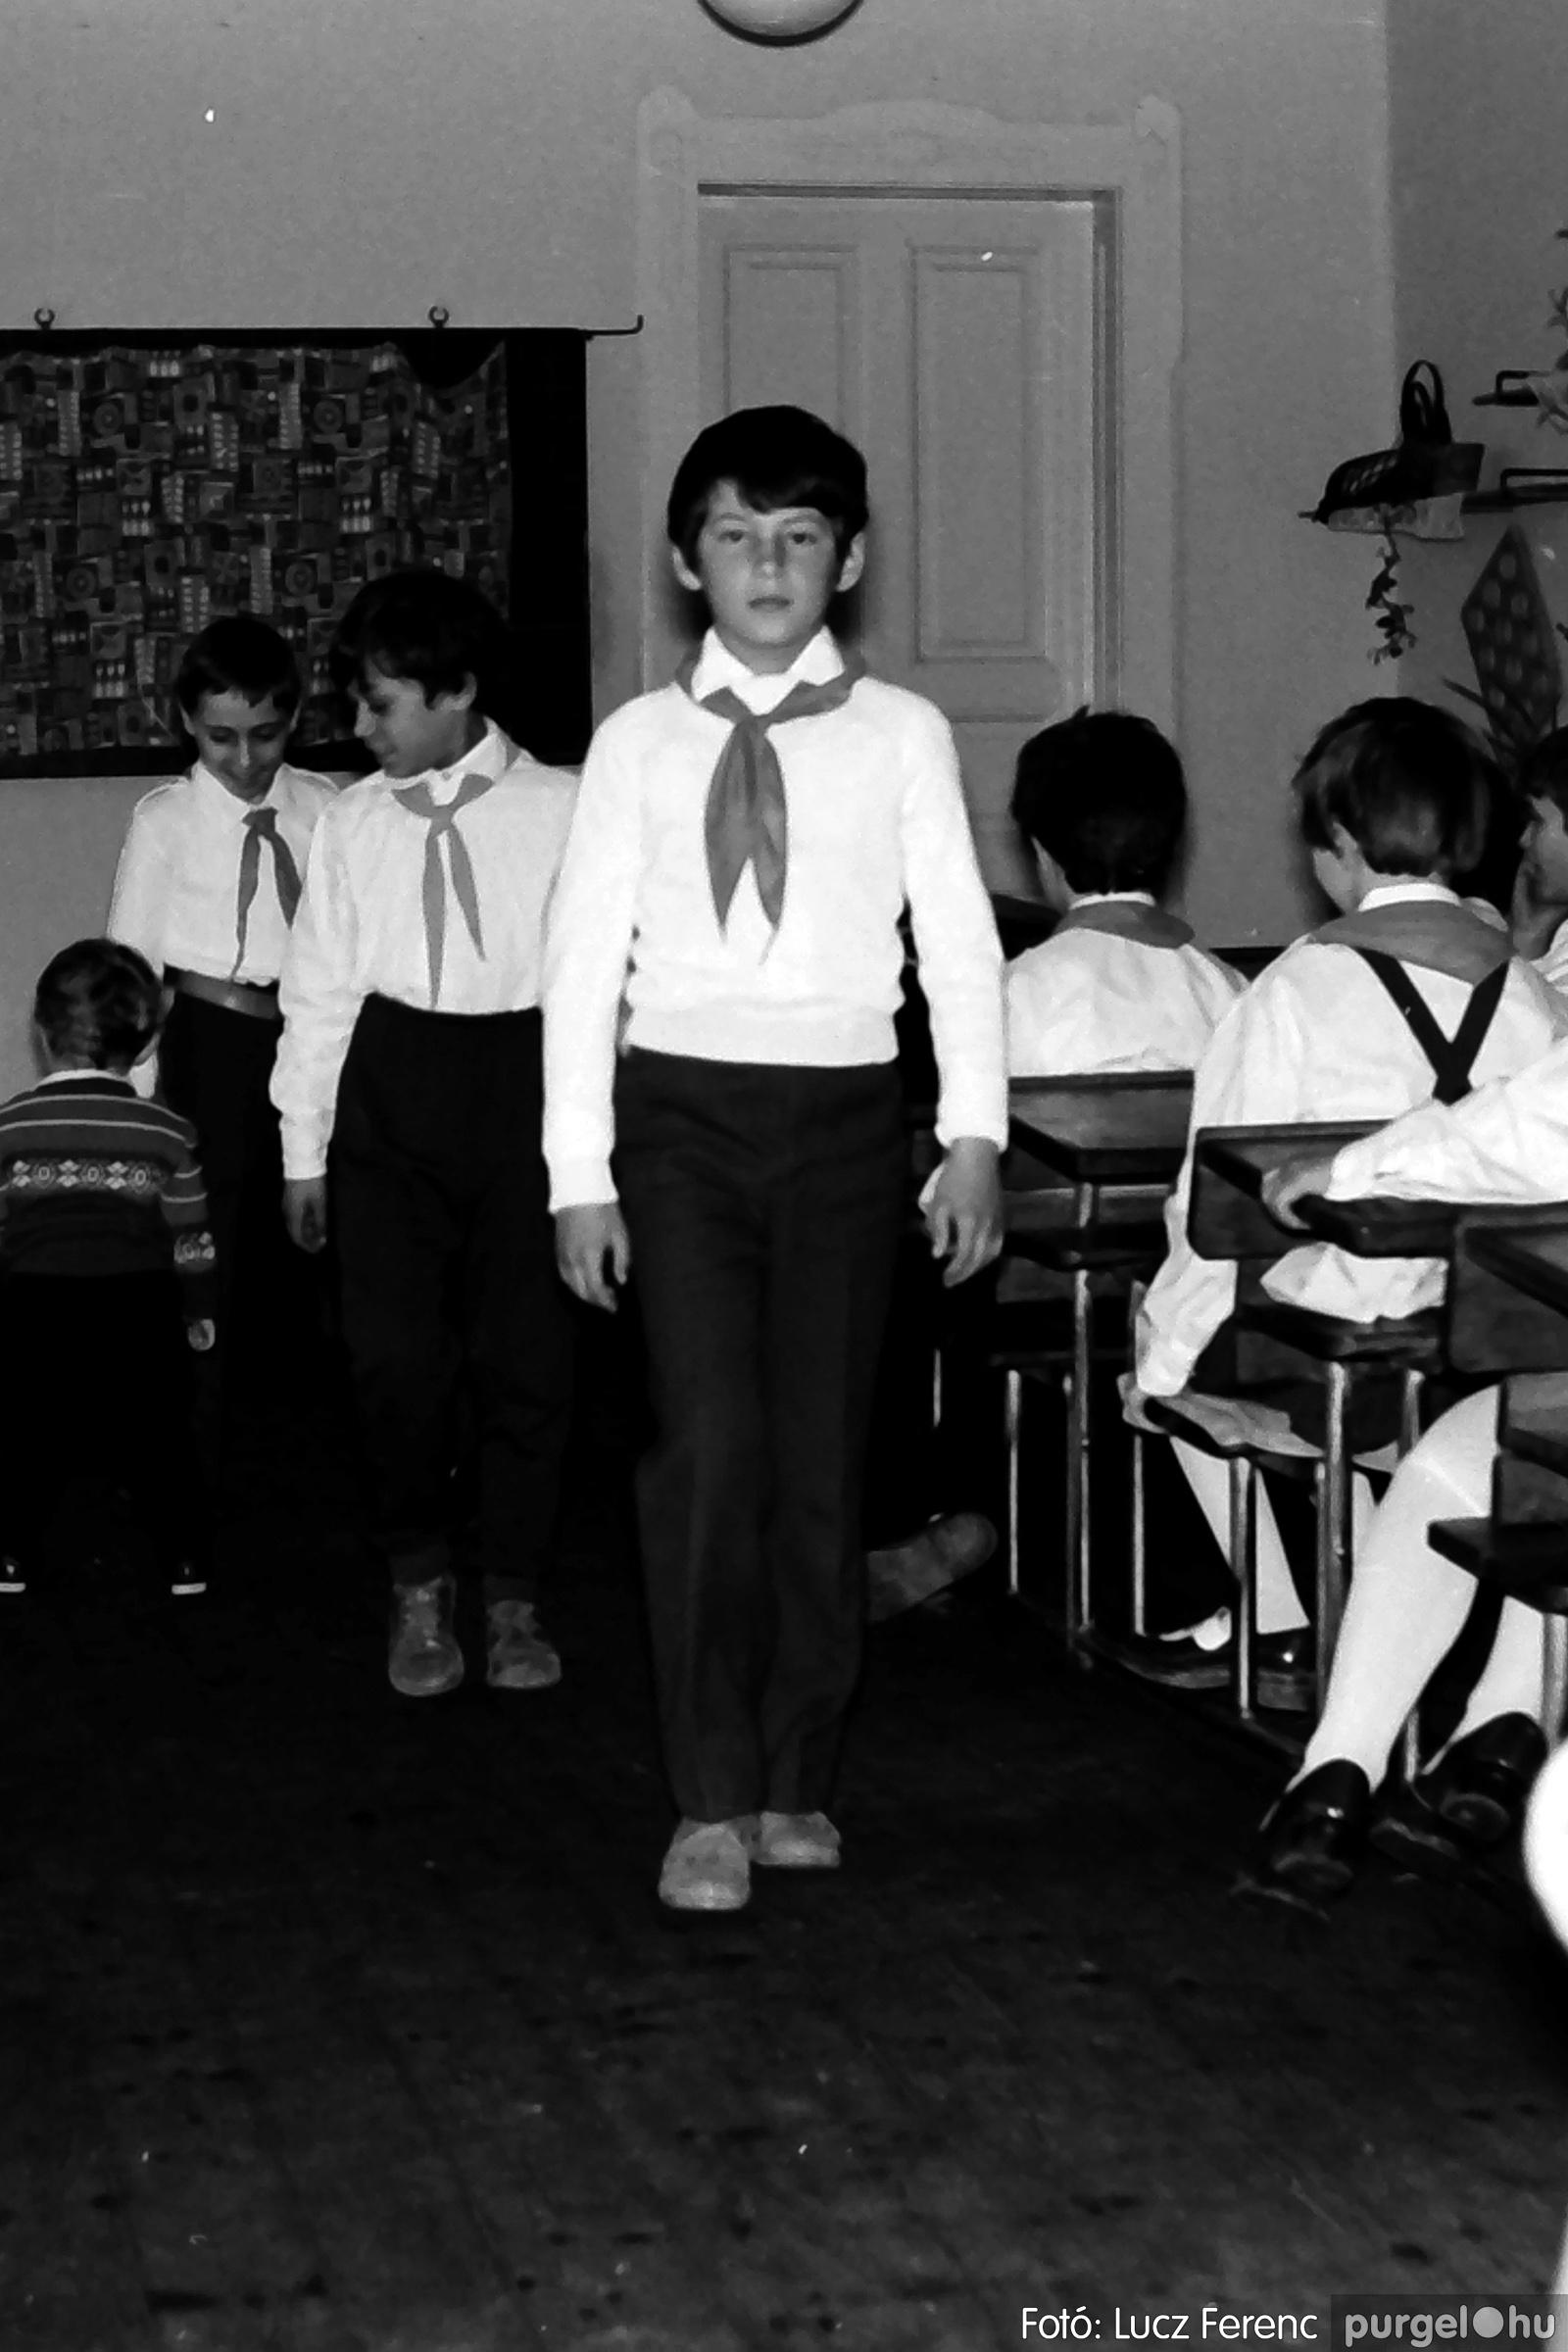 042-043. 1976. Program az újfalusi iskolában 001. - Fotó: Lucz Ferenc - IMG00238q.jpg